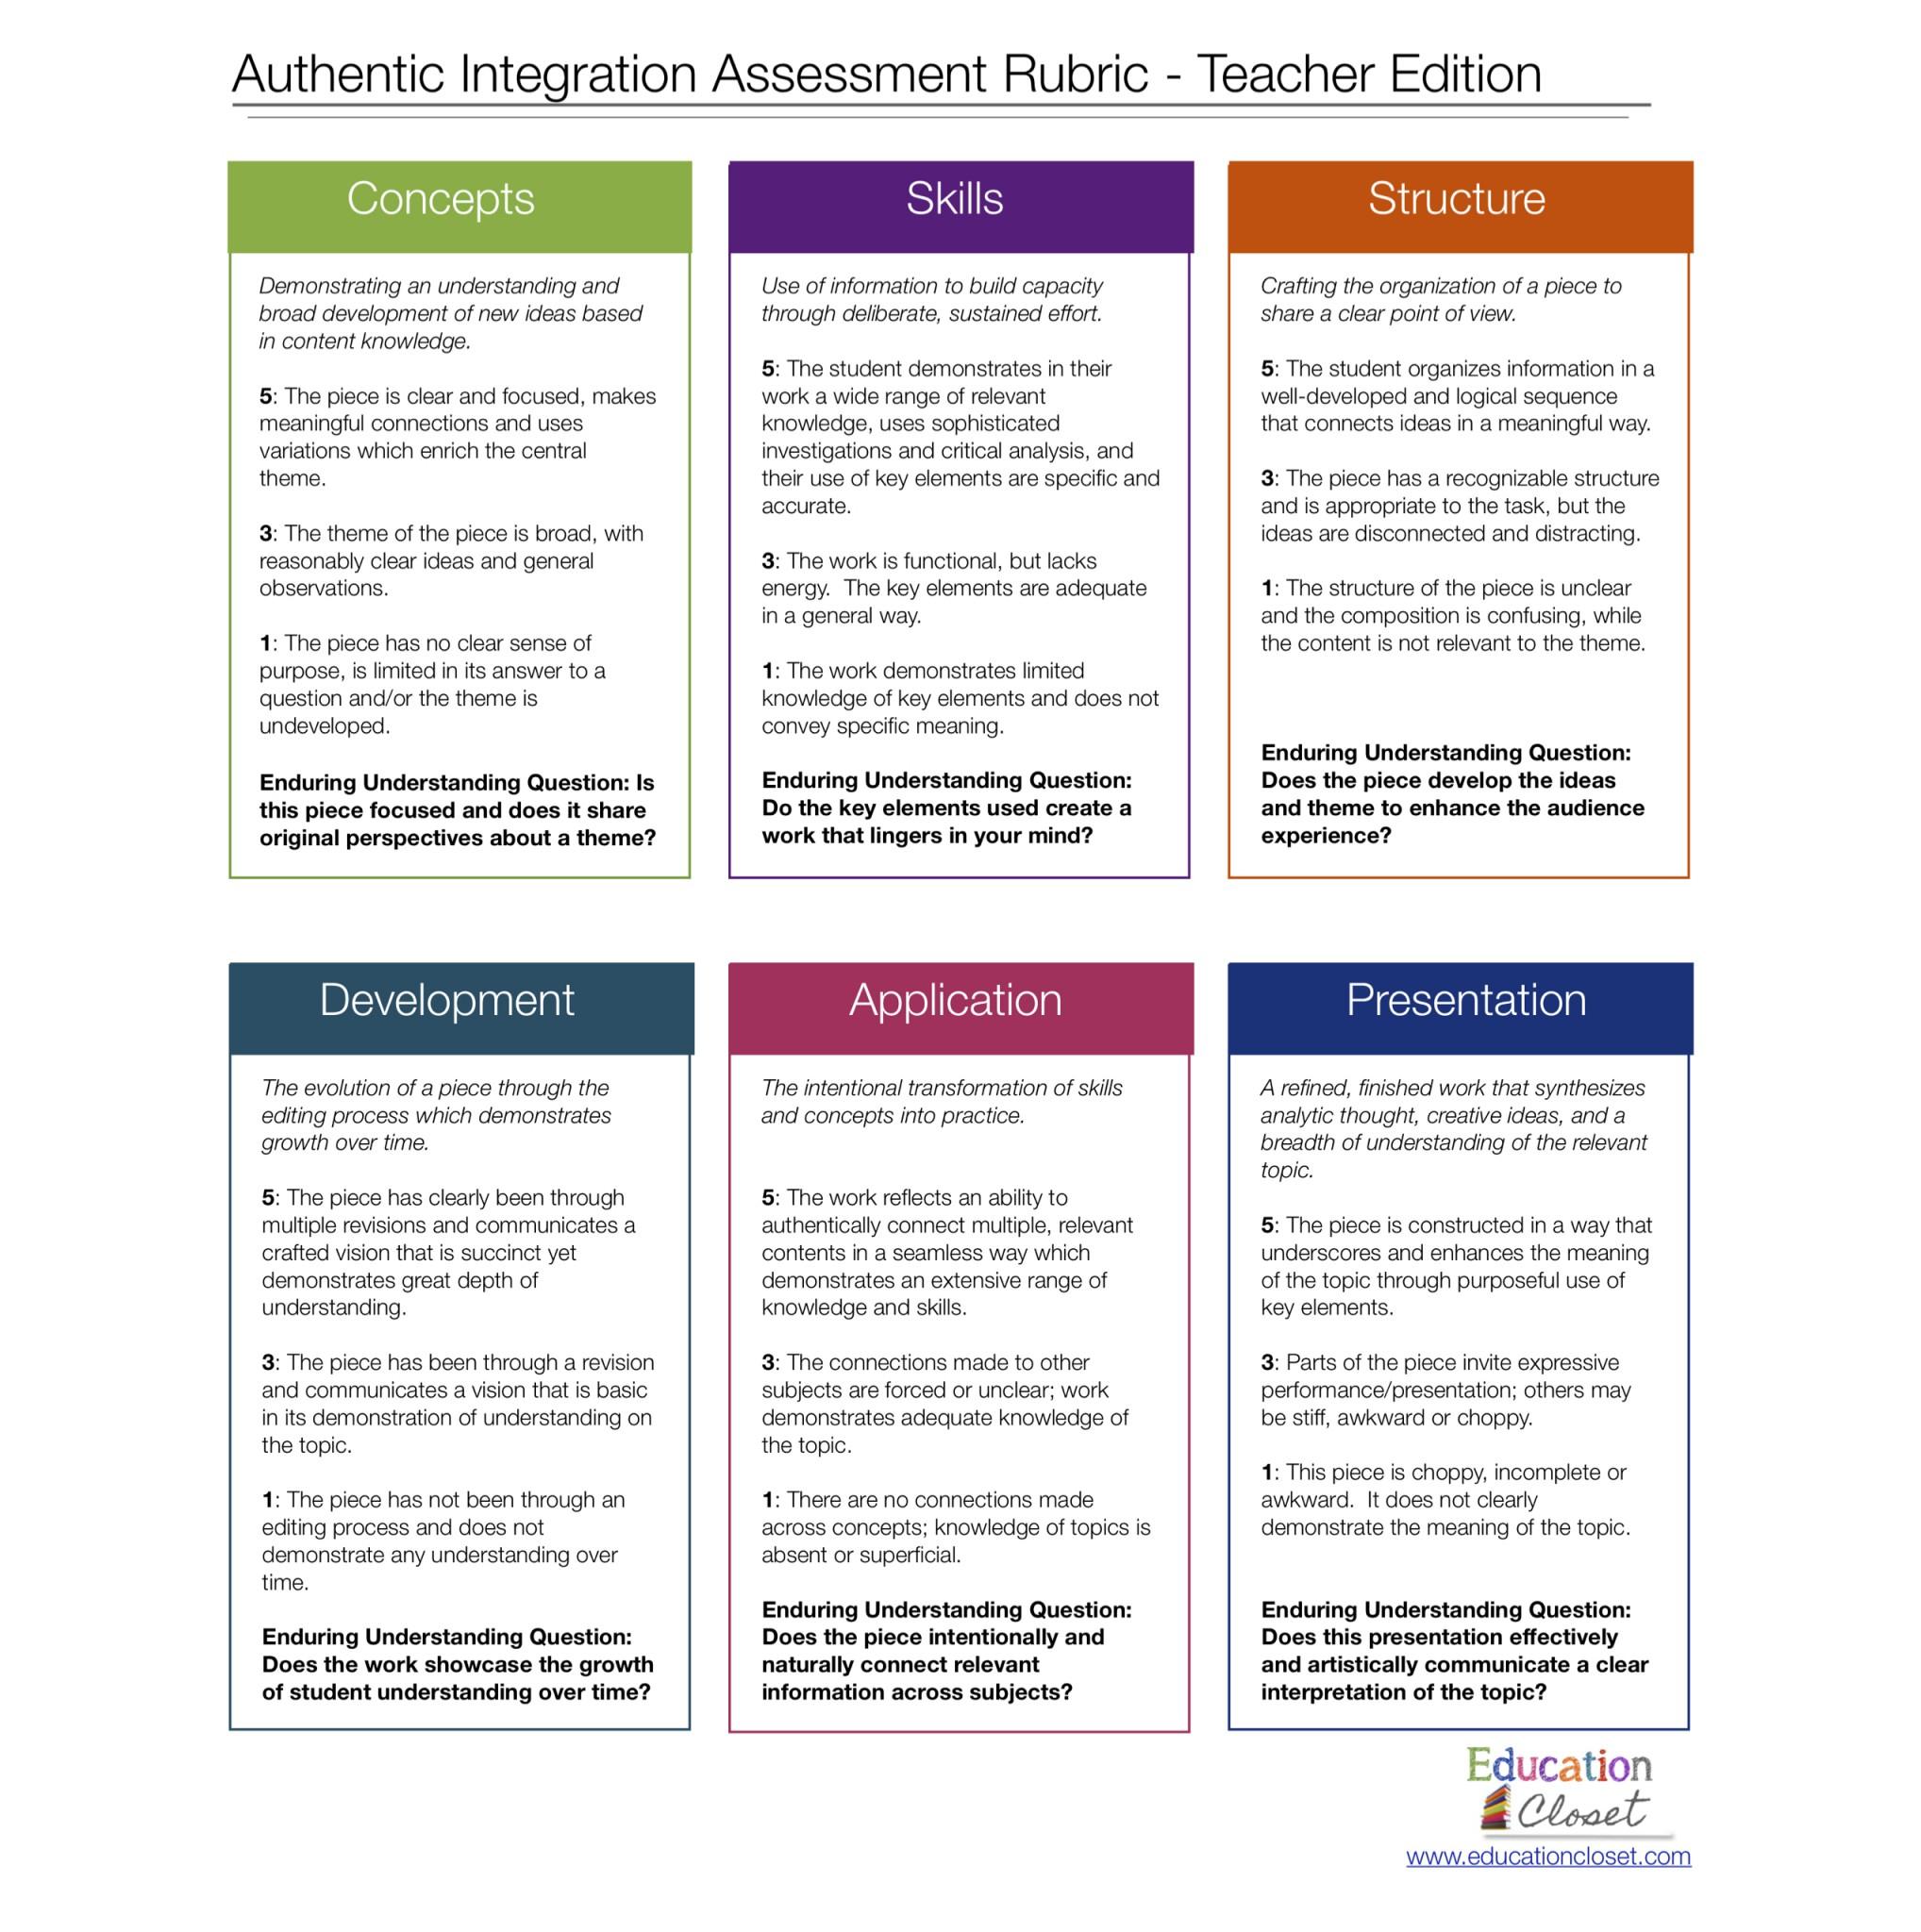 arts integration assessments education closet tools and rubrics